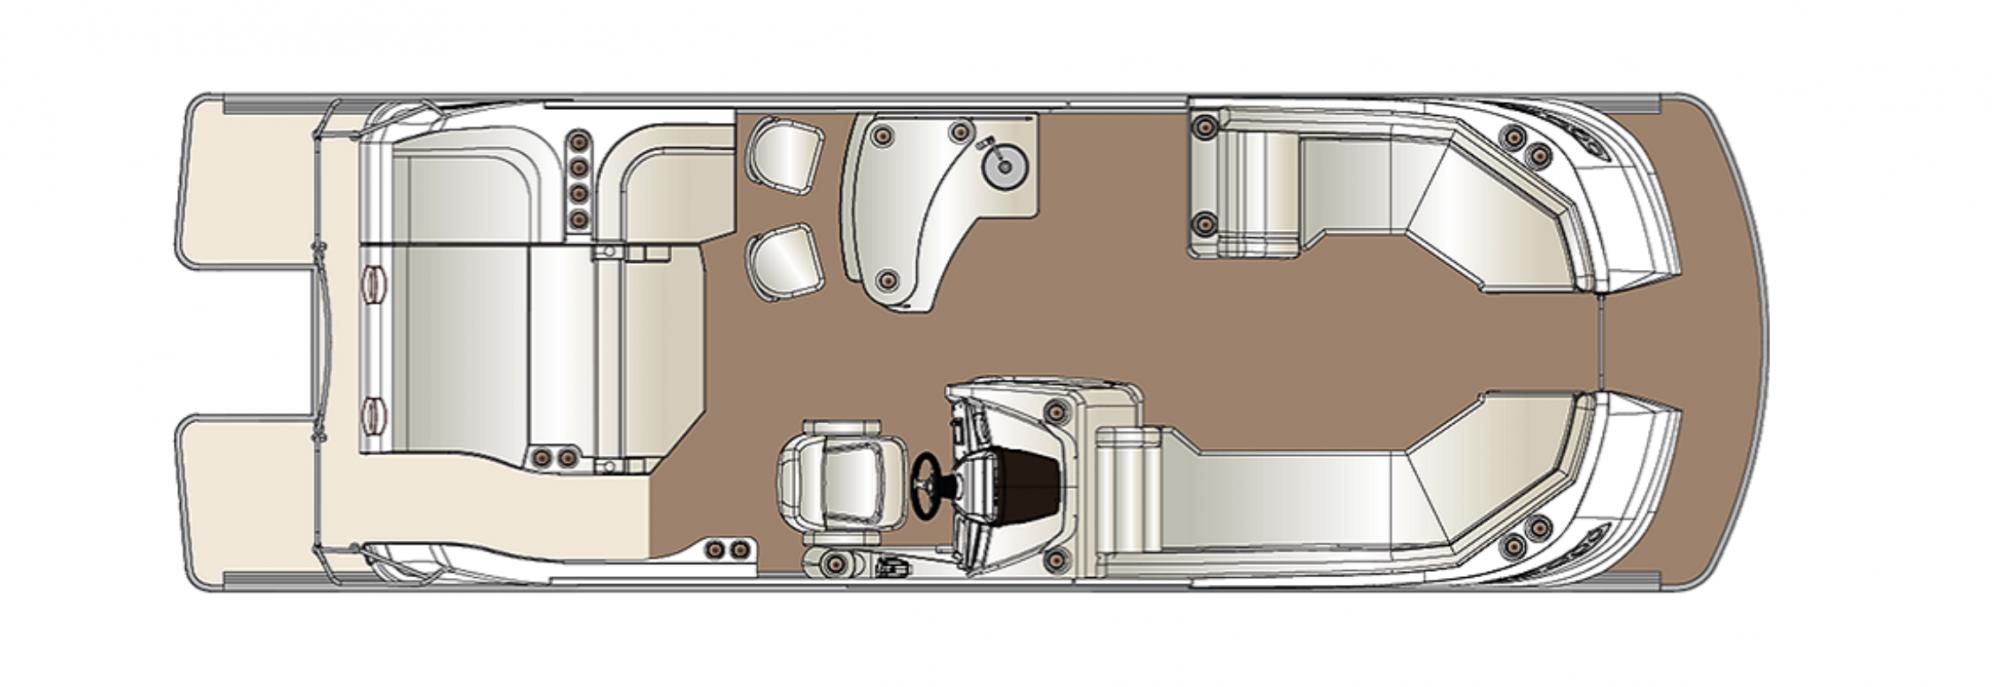 Harris Crowne SL 250 - crownlconfig